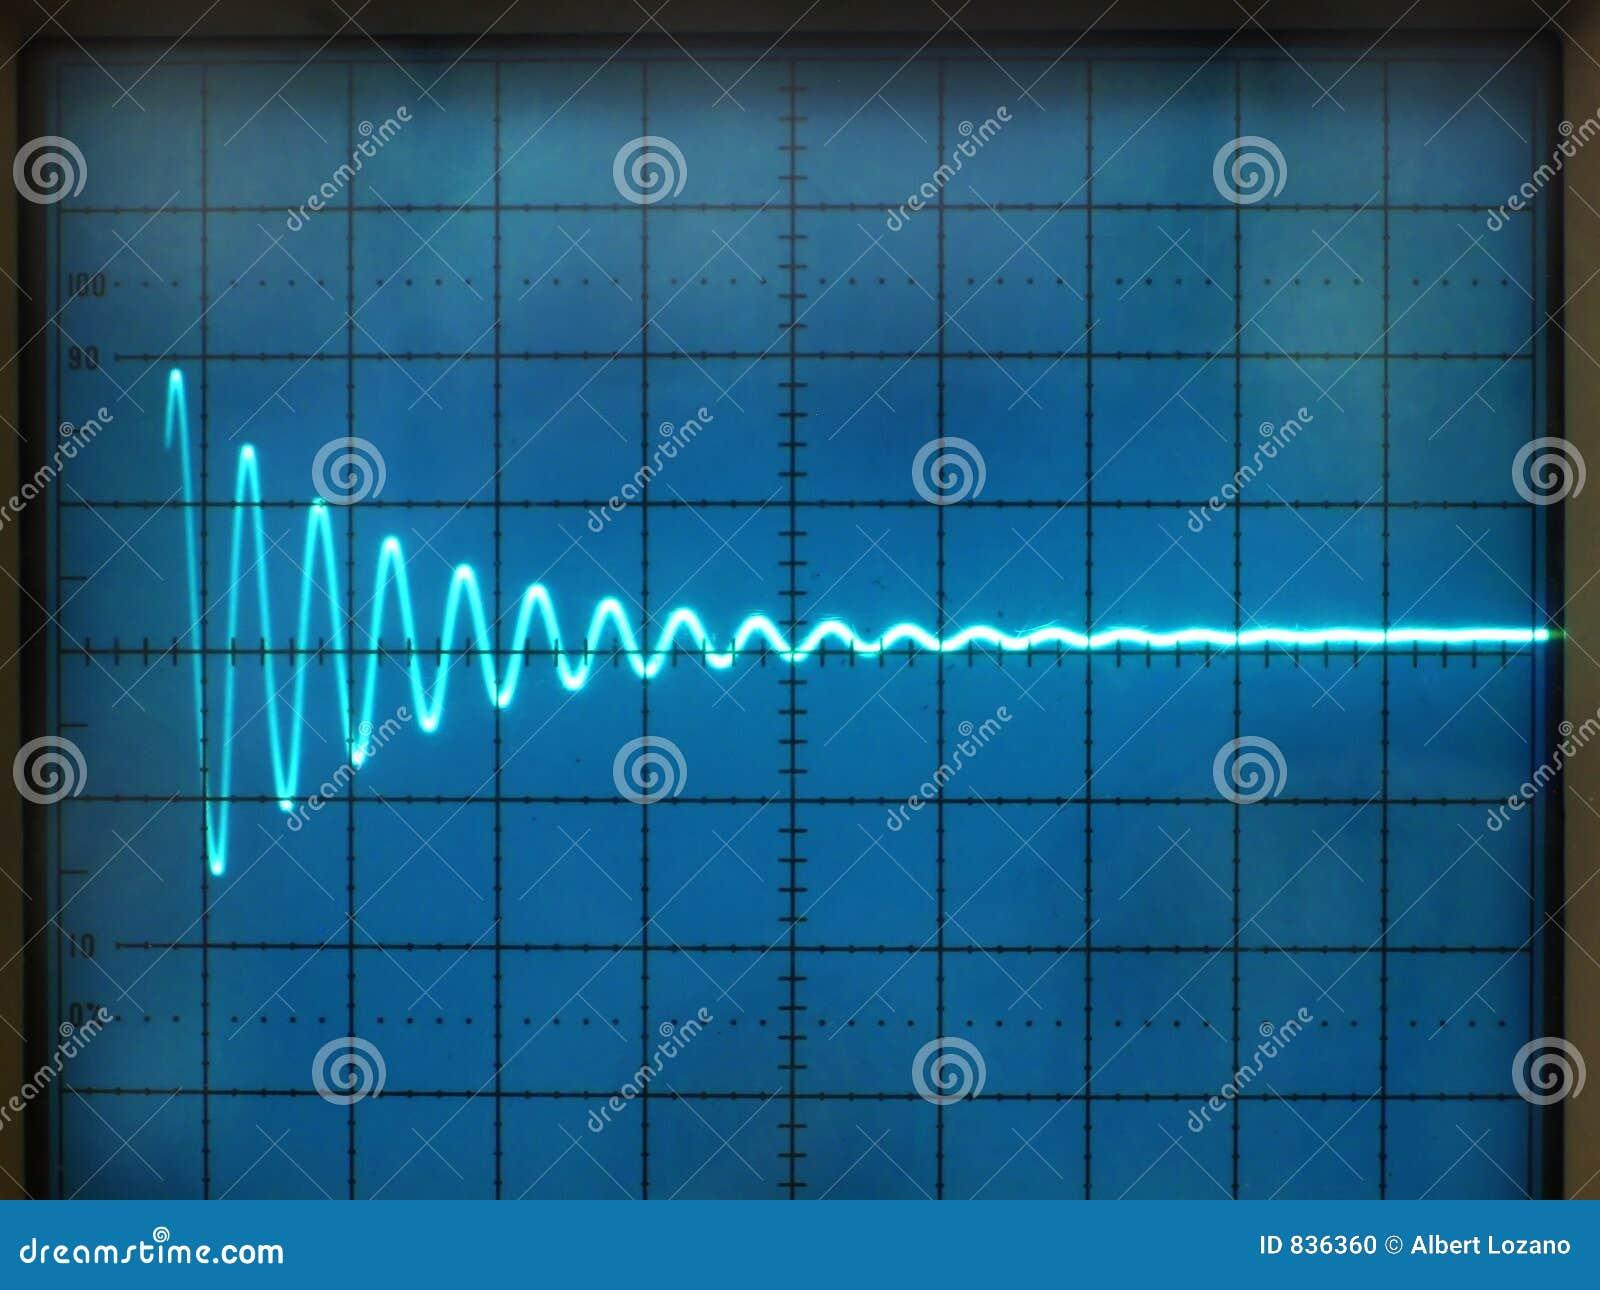 Signaux électriques